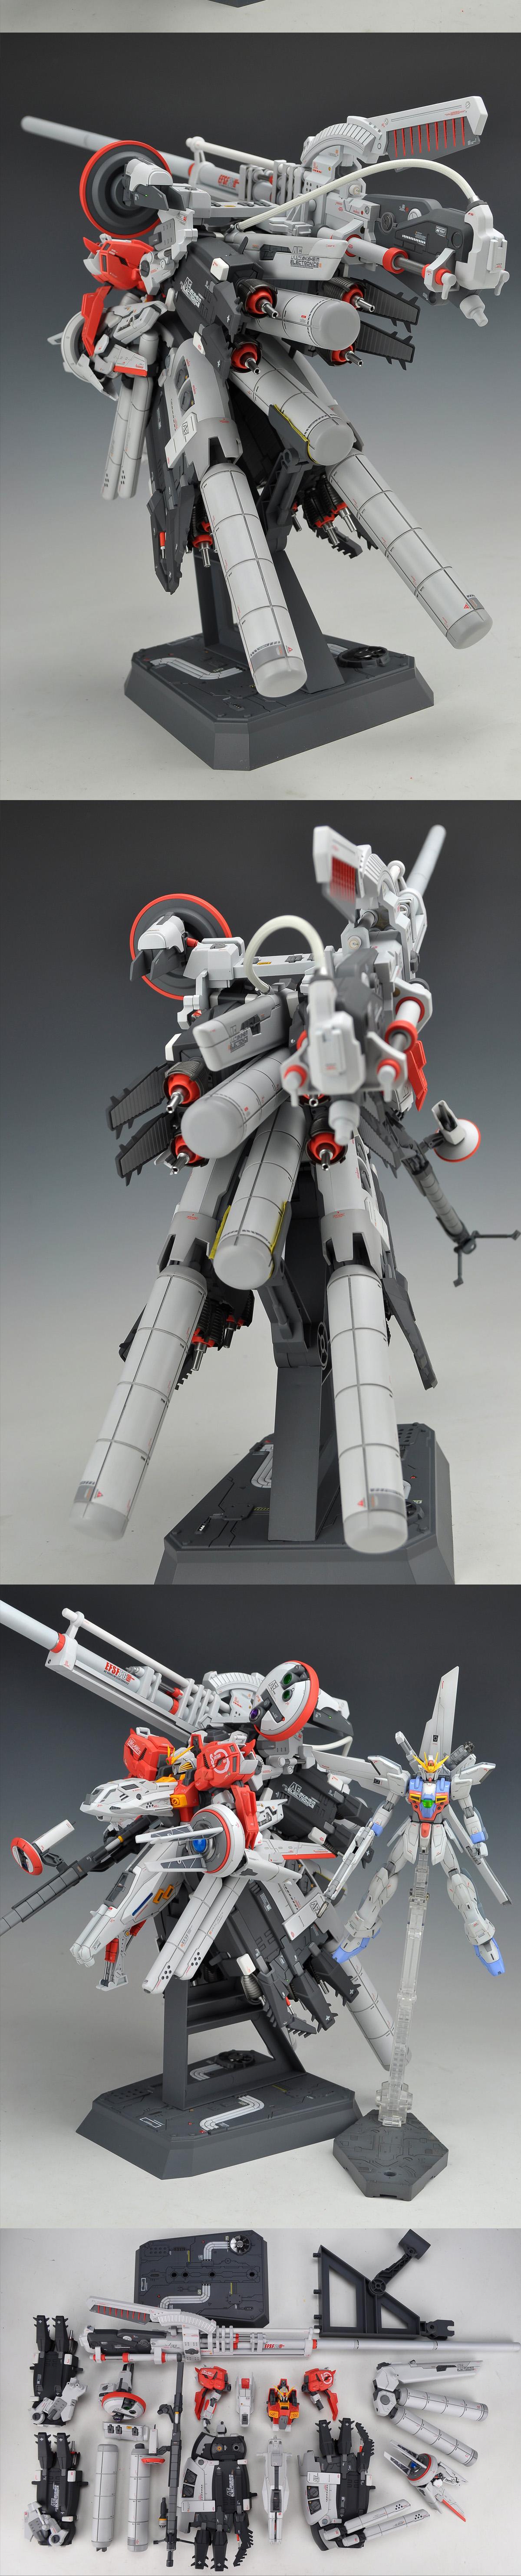 ace-a-008.jpg